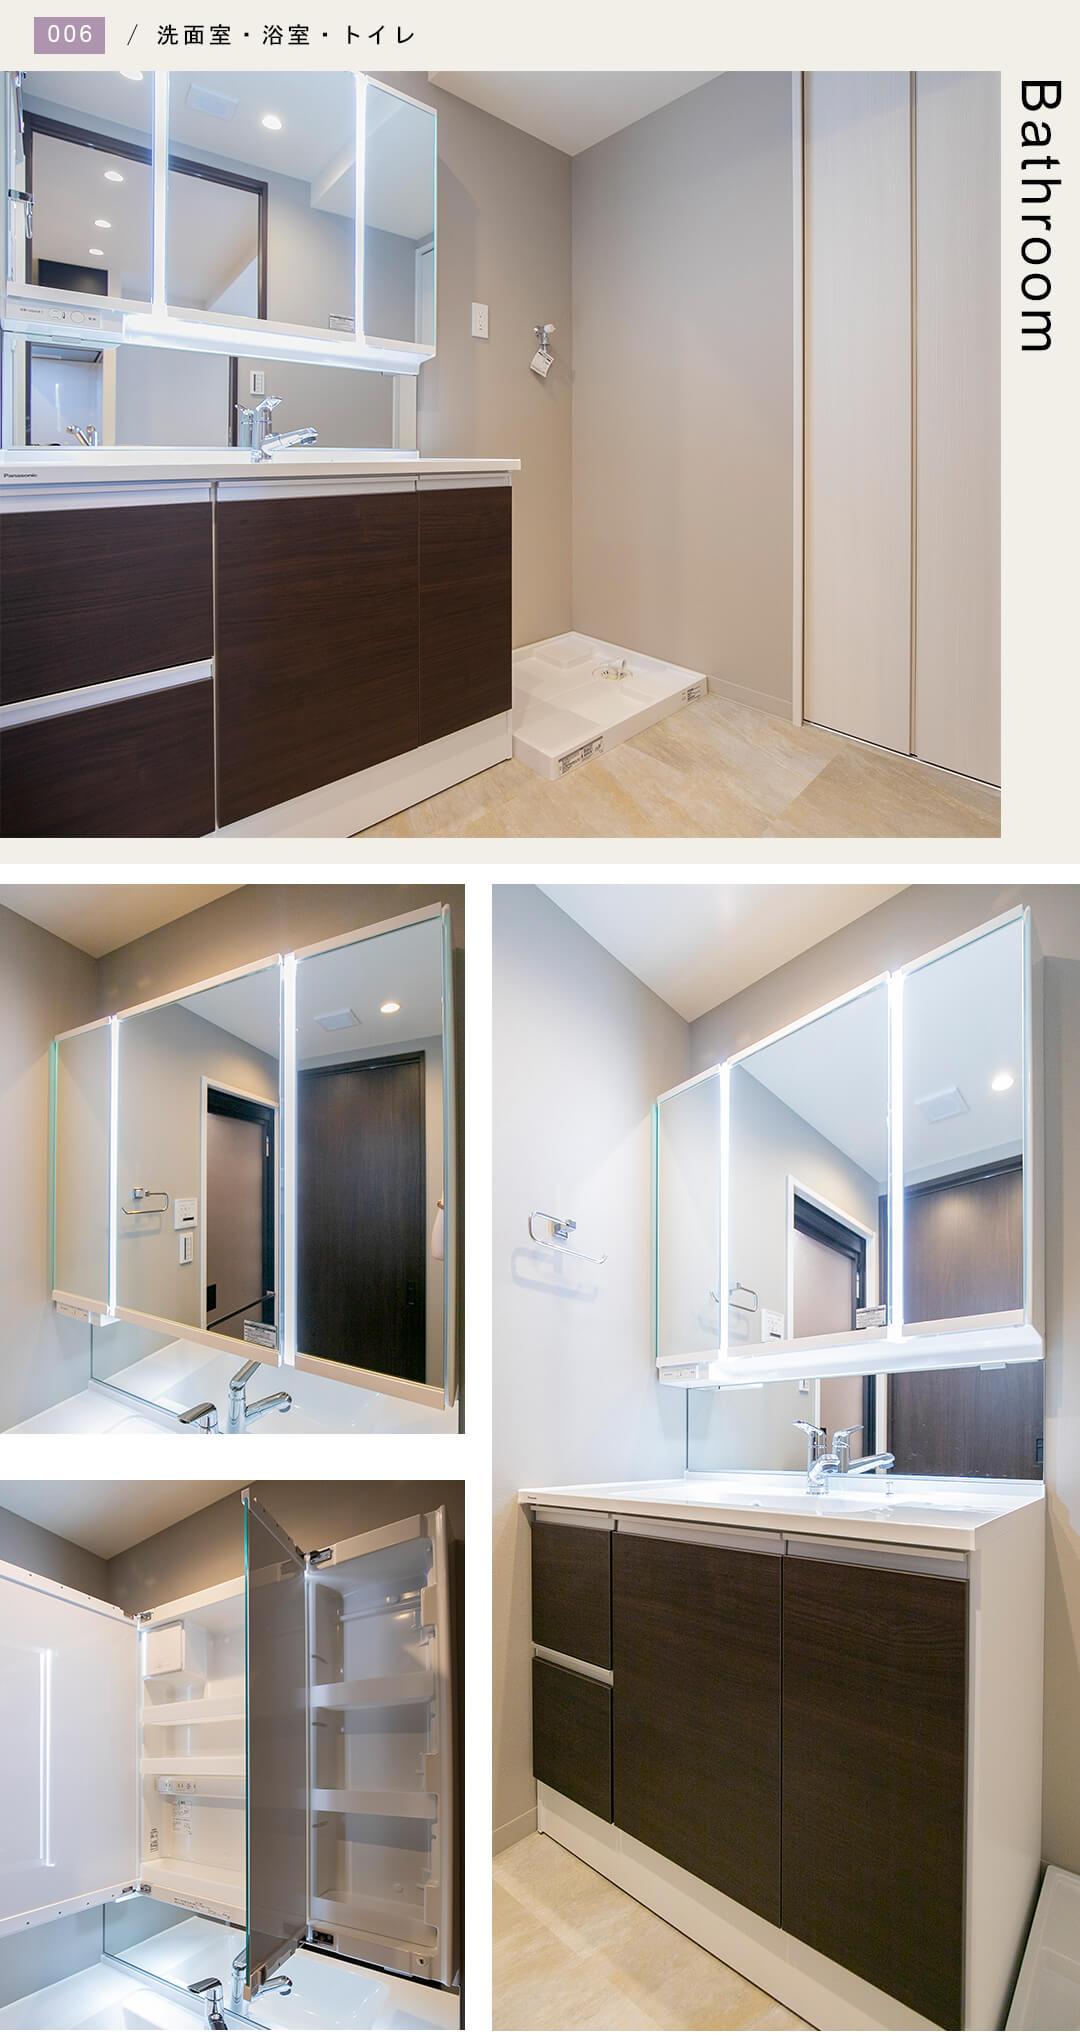 目白フラワーハイホームの洗面室